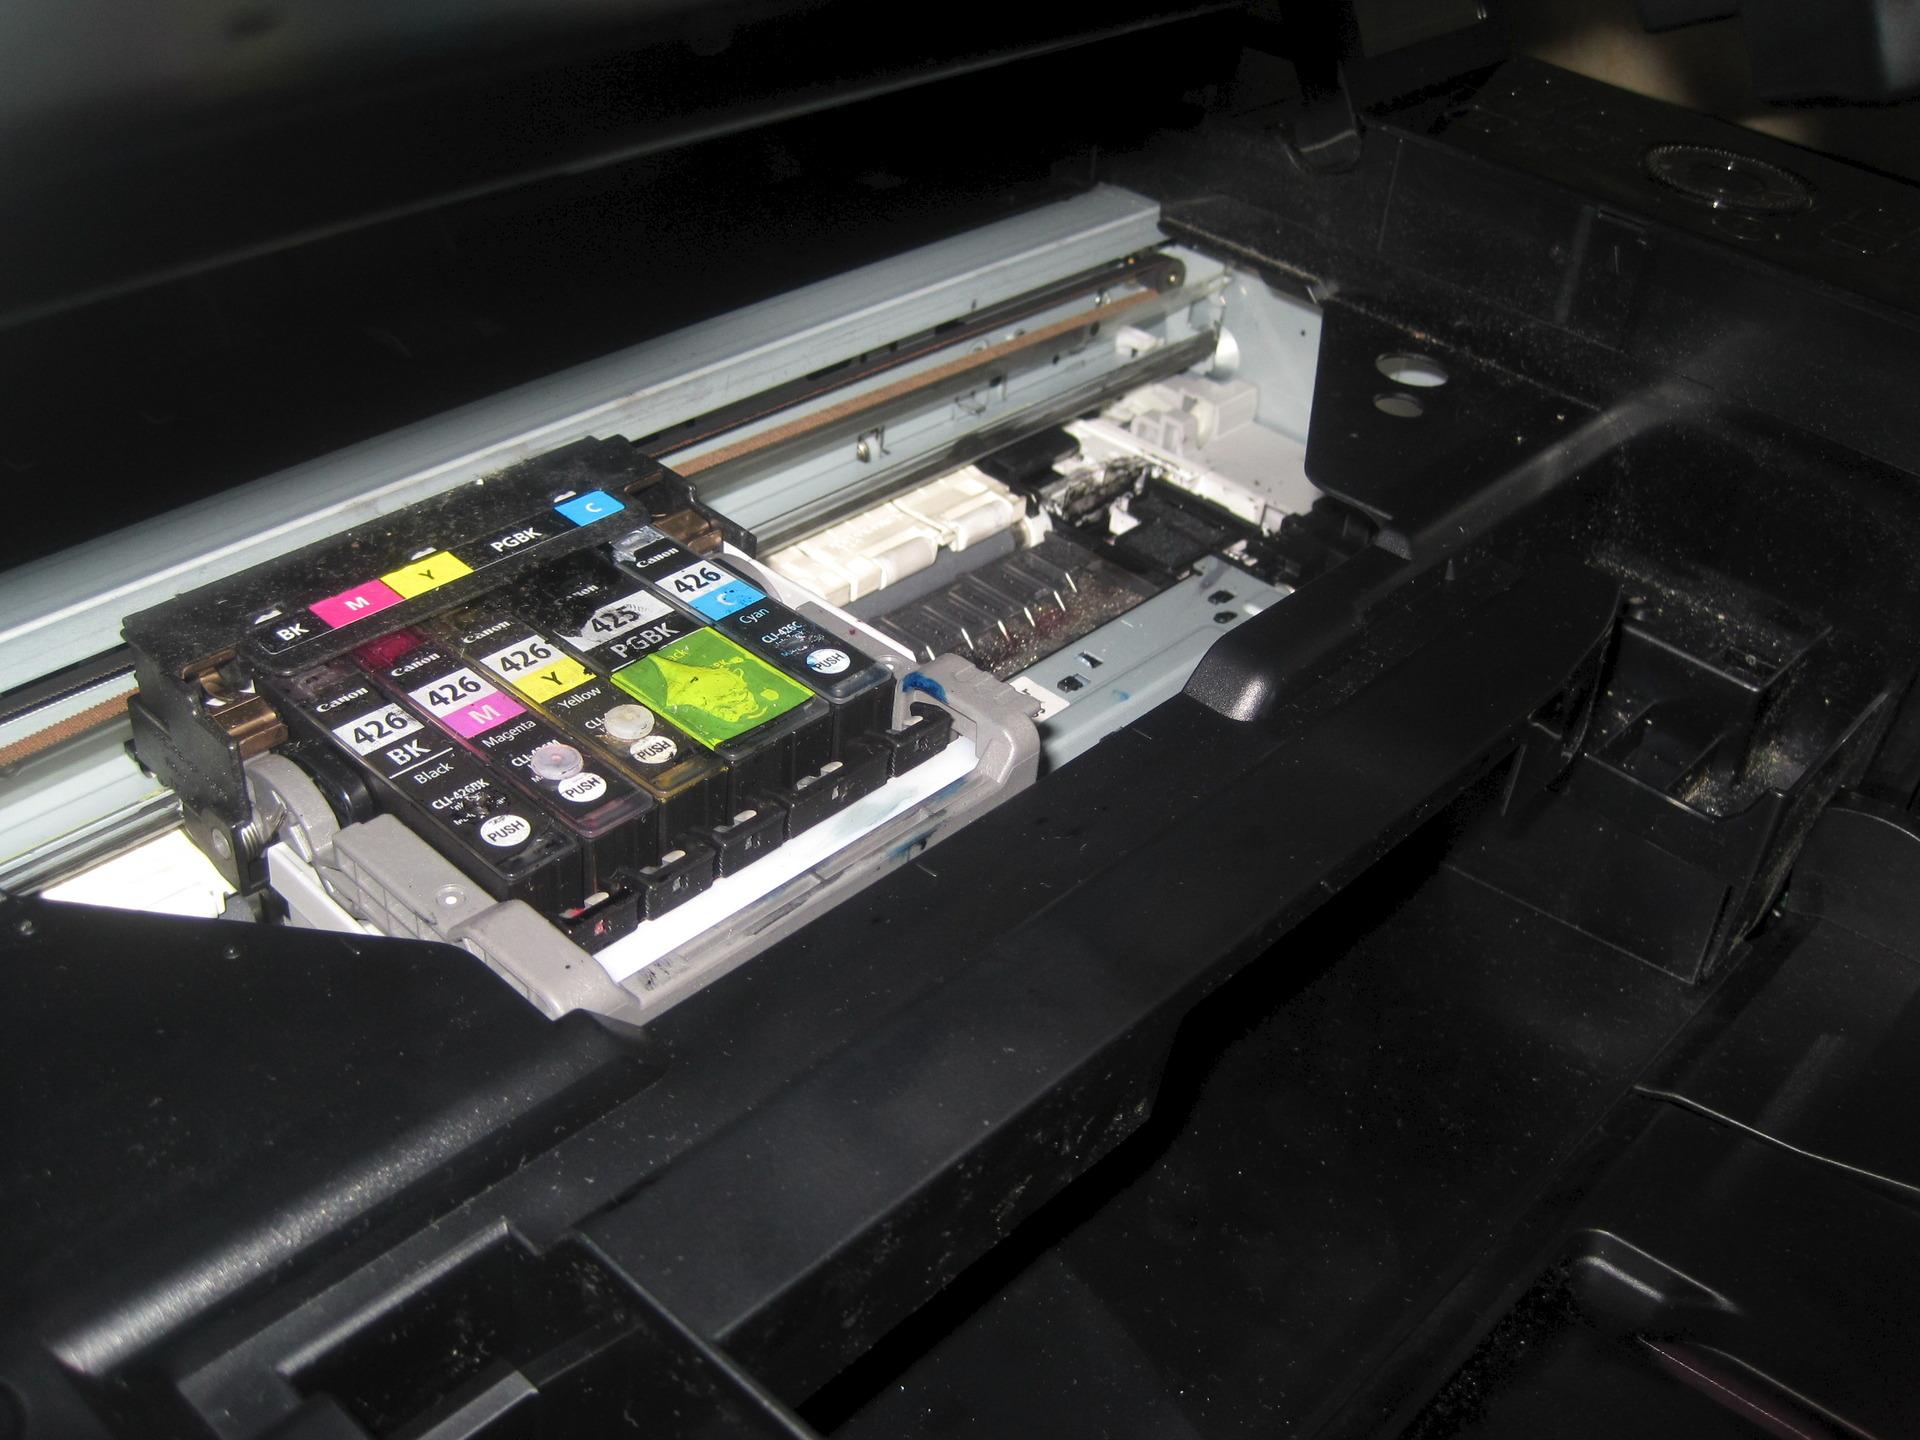 Ремонт принтера кэнон своими руками